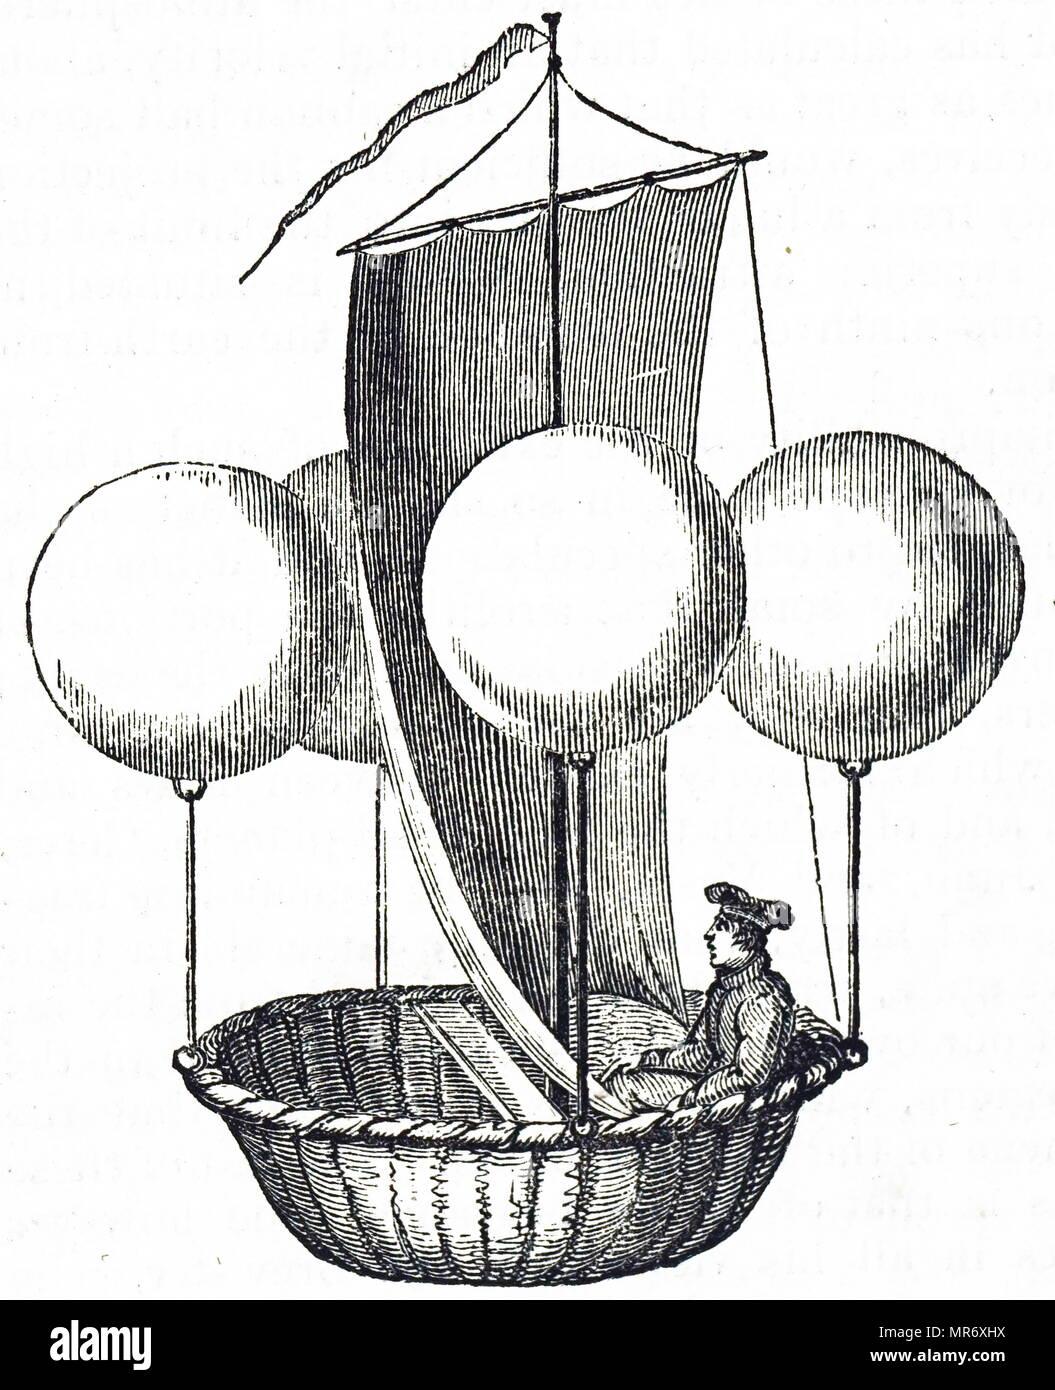 Incisione raffigurante Francesco Lana de Terzi nel suo flying boat concetto. Francesco Lana de Terzi (1631-1687) un italiano sacerdote gesuita, Matematico, naturalista e aeronautica Pioneer. Datata del XIX secolo Immagini Stock